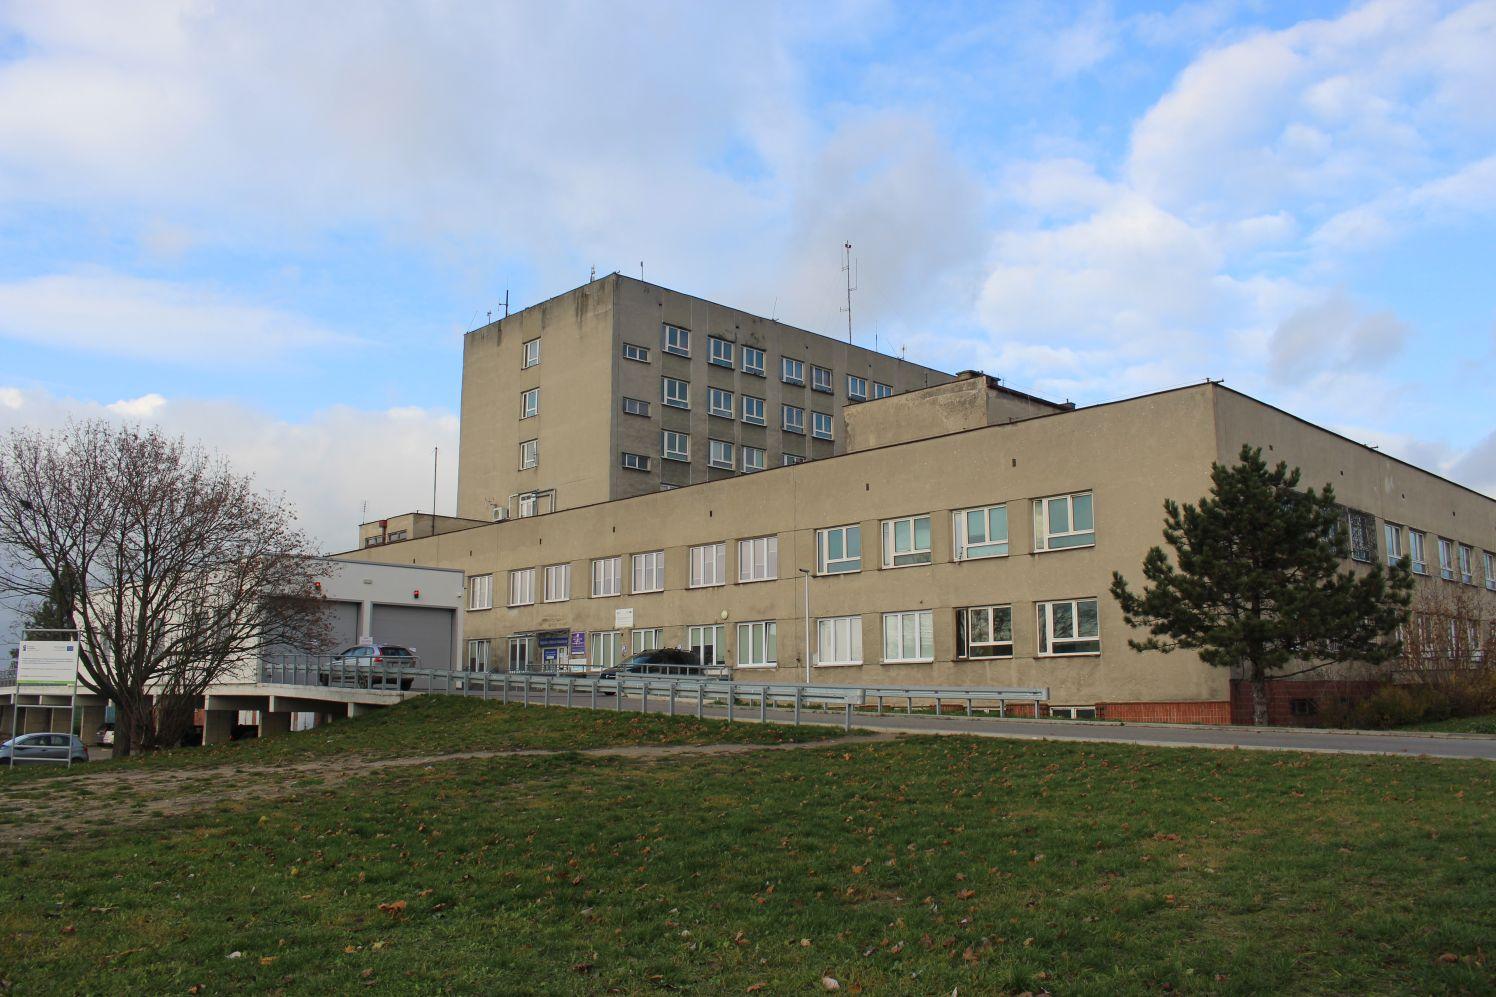 Będzie rozbudowa budynku kutnowskiego szpitala! W grze duże miliony! - Zdjęcie główne